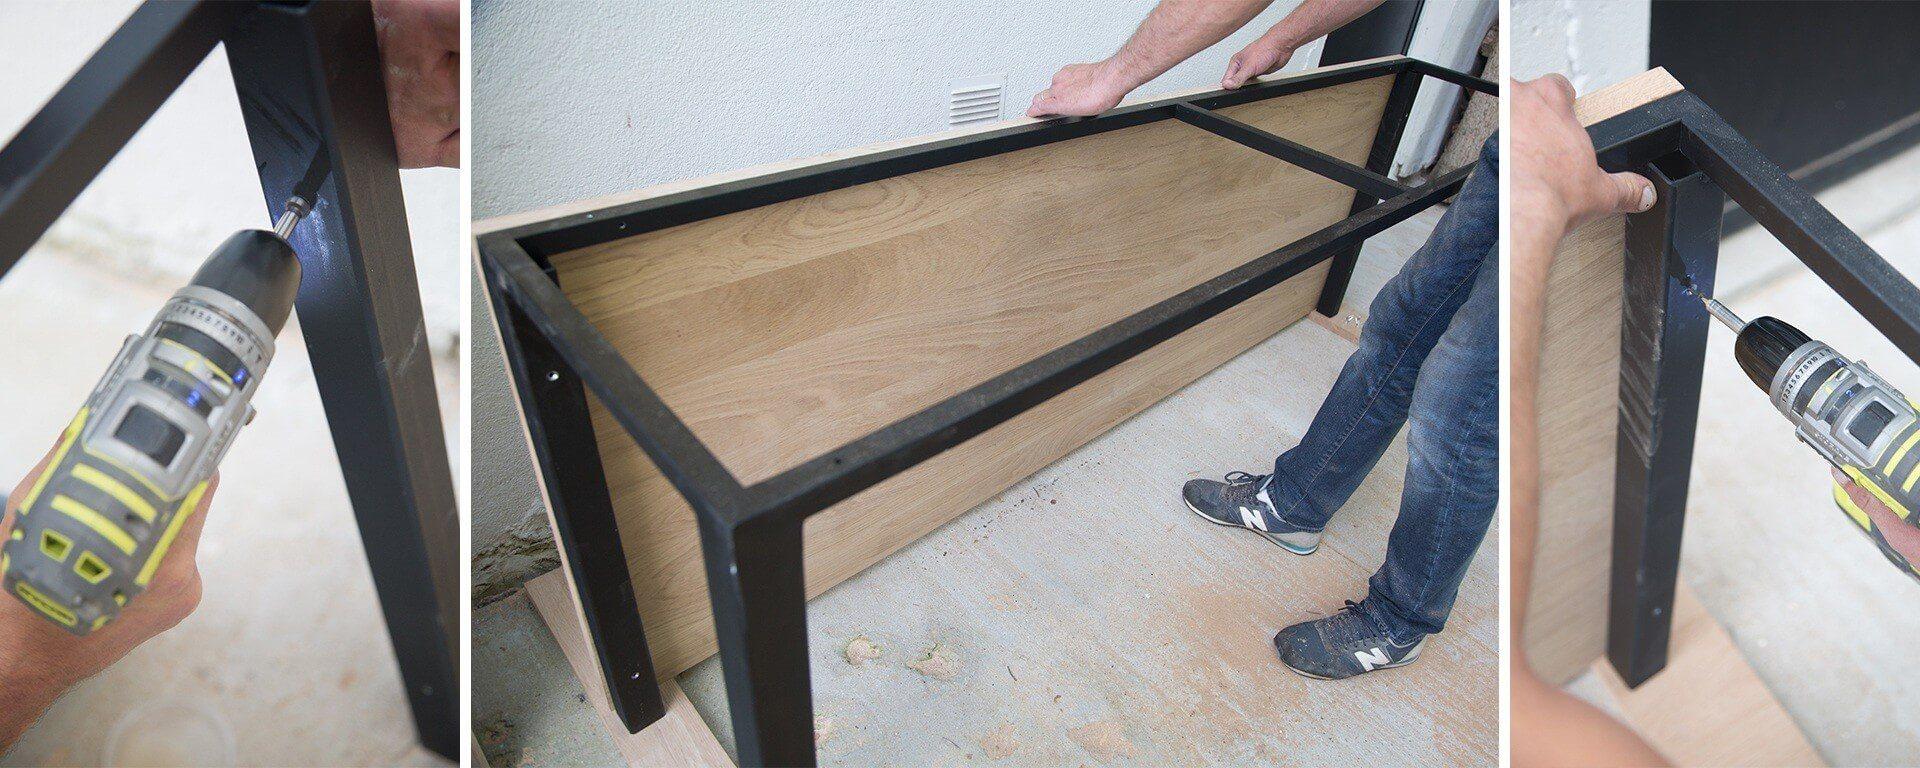 Fabriquer Un Bureau De Travail myryobi, tutoriels de création de meubles et objets diy